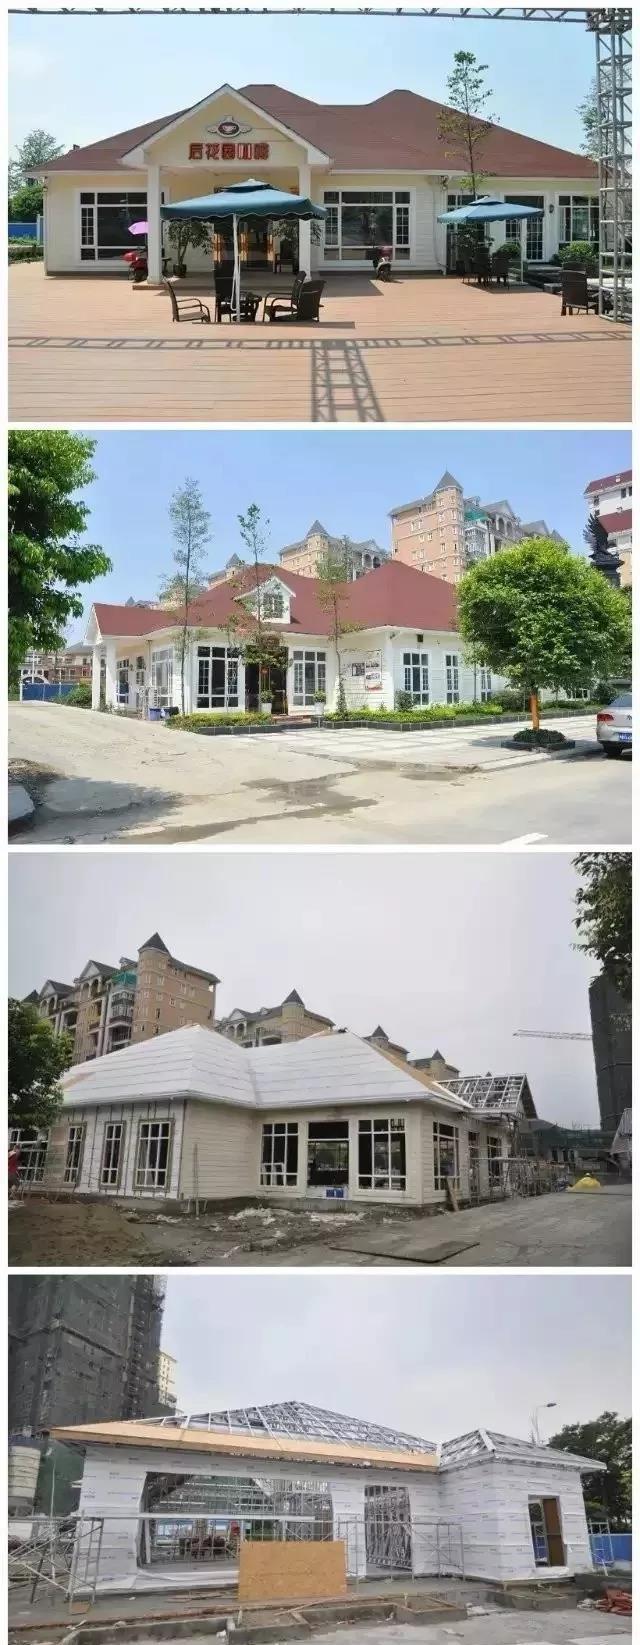 成都轻钢别墅与普通房屋相比造价存在怎样的差异?